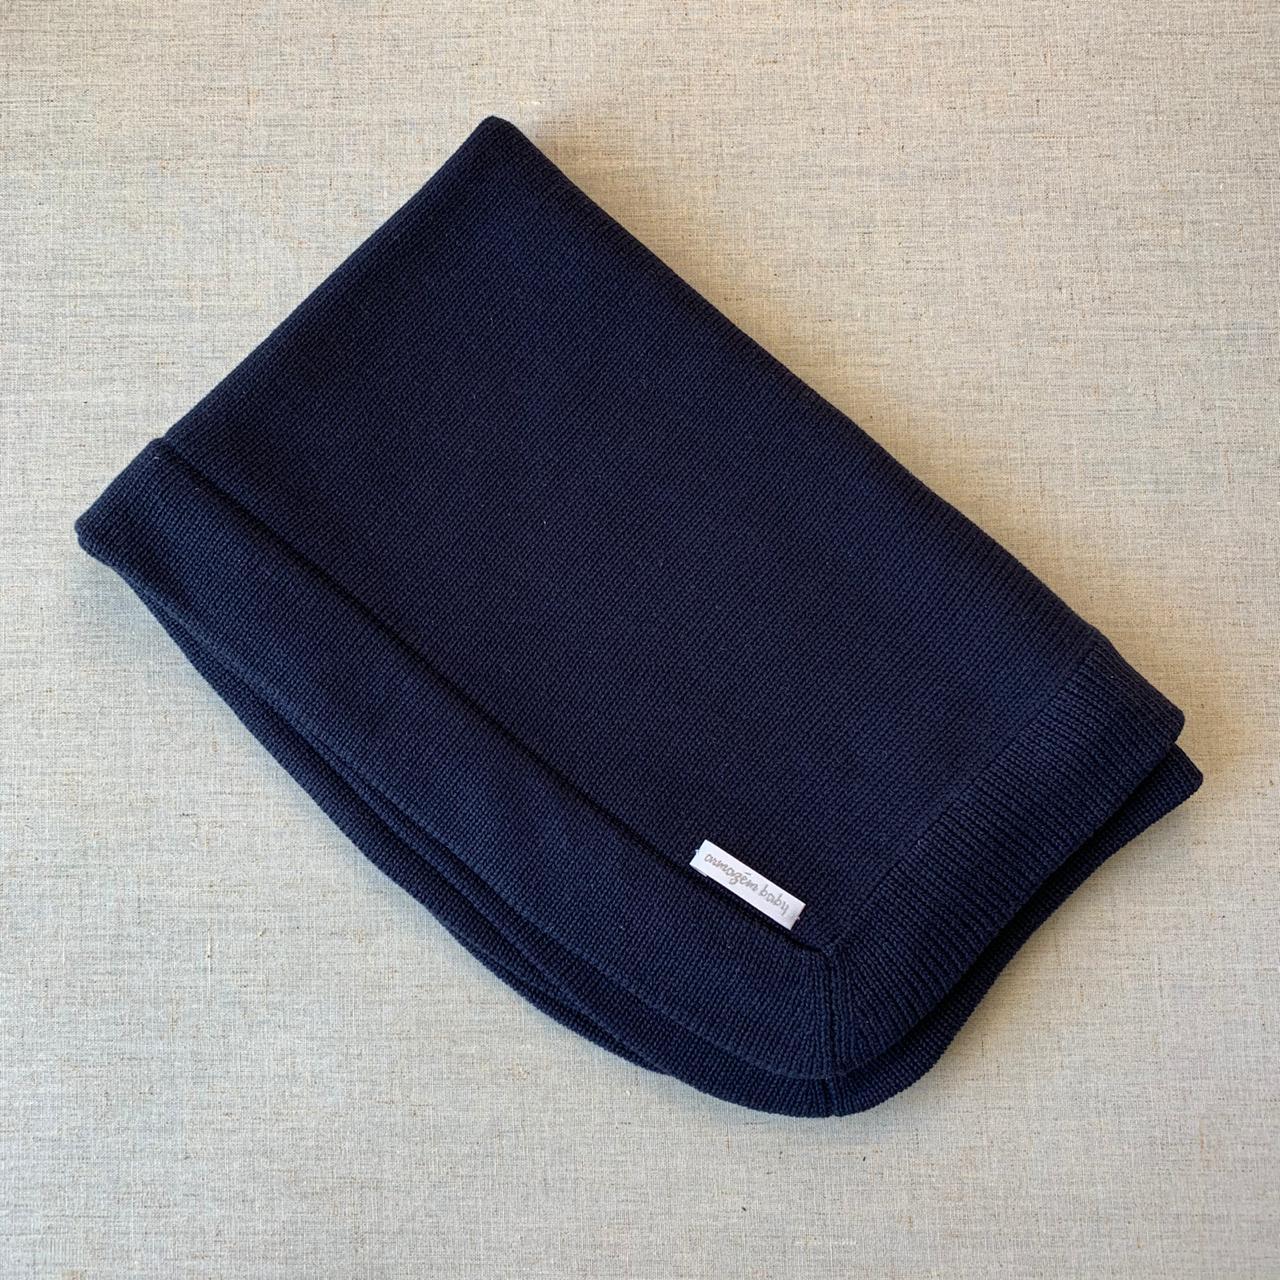 Manta tricot azul marinho